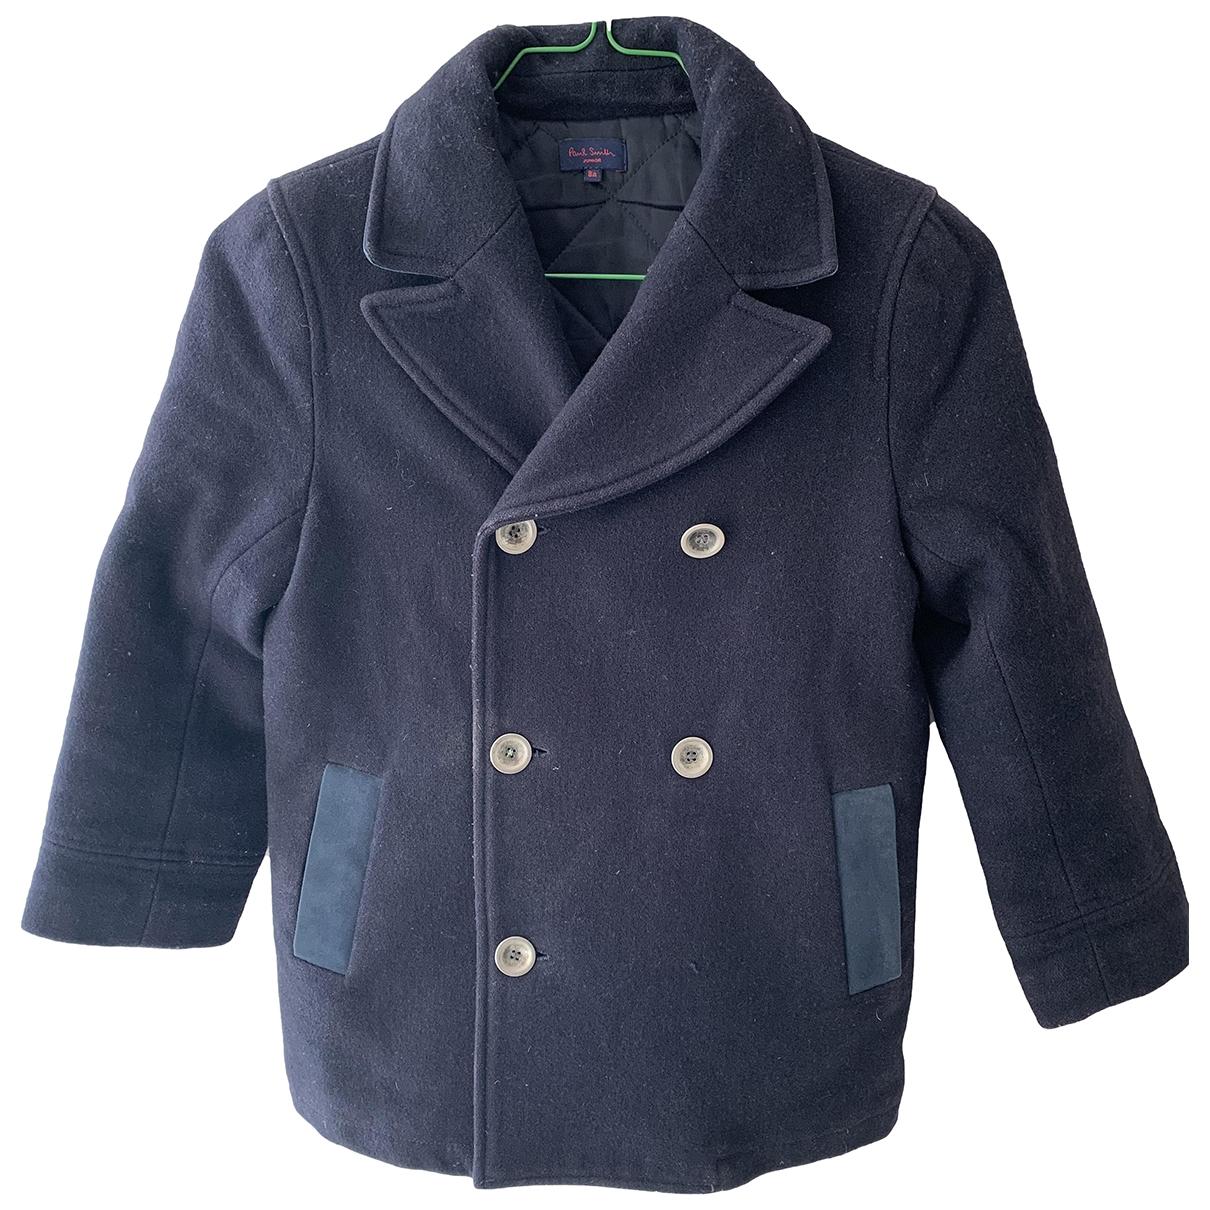 Paul Smith - Blousons.Manteaux   pour enfant en laine - marine